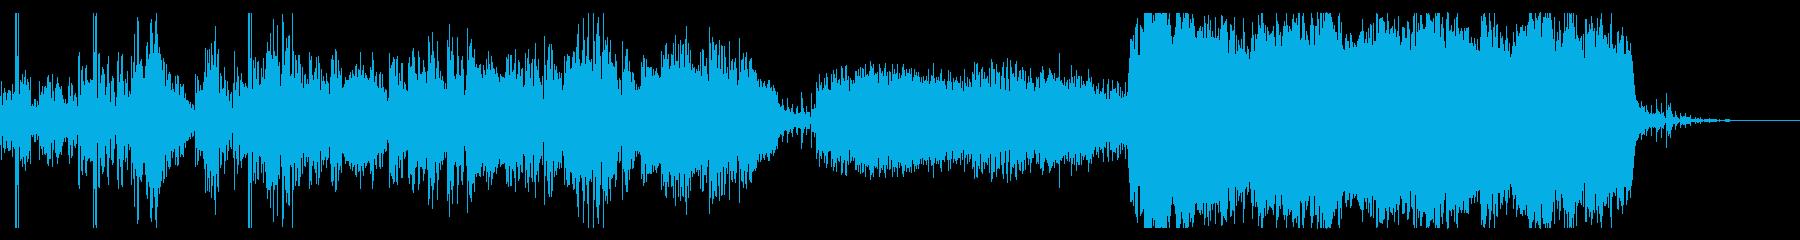 深い水の底からゆっくりと上がってくるよ…の再生済みの波形